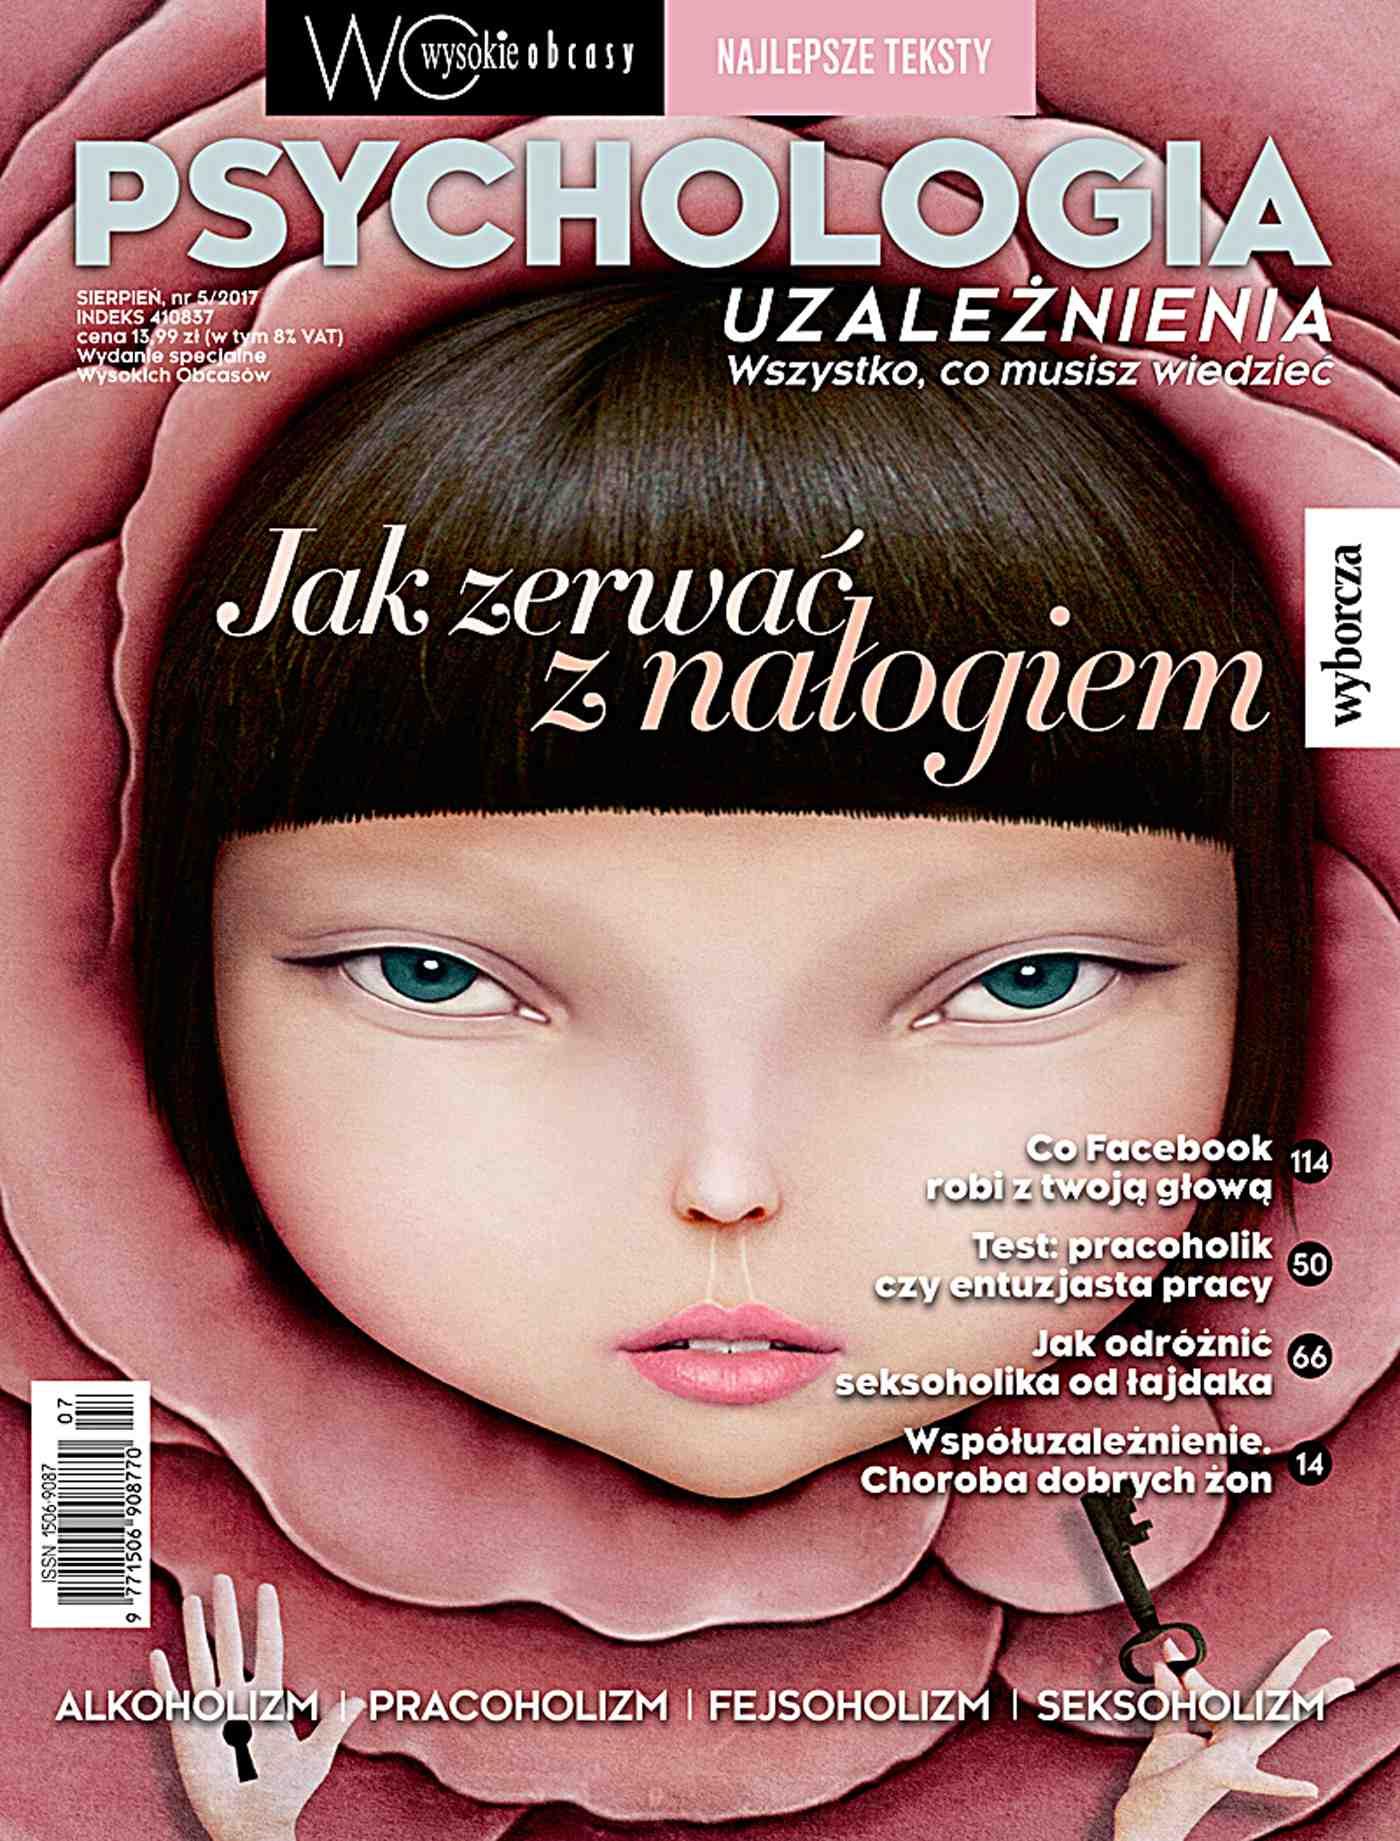 Psychologia uzależnienia. Wysokie Obcasy. Wydanie Specjalne 5/2017 - Ebook (Książka EPUB) do pobrania w formacie EPUB